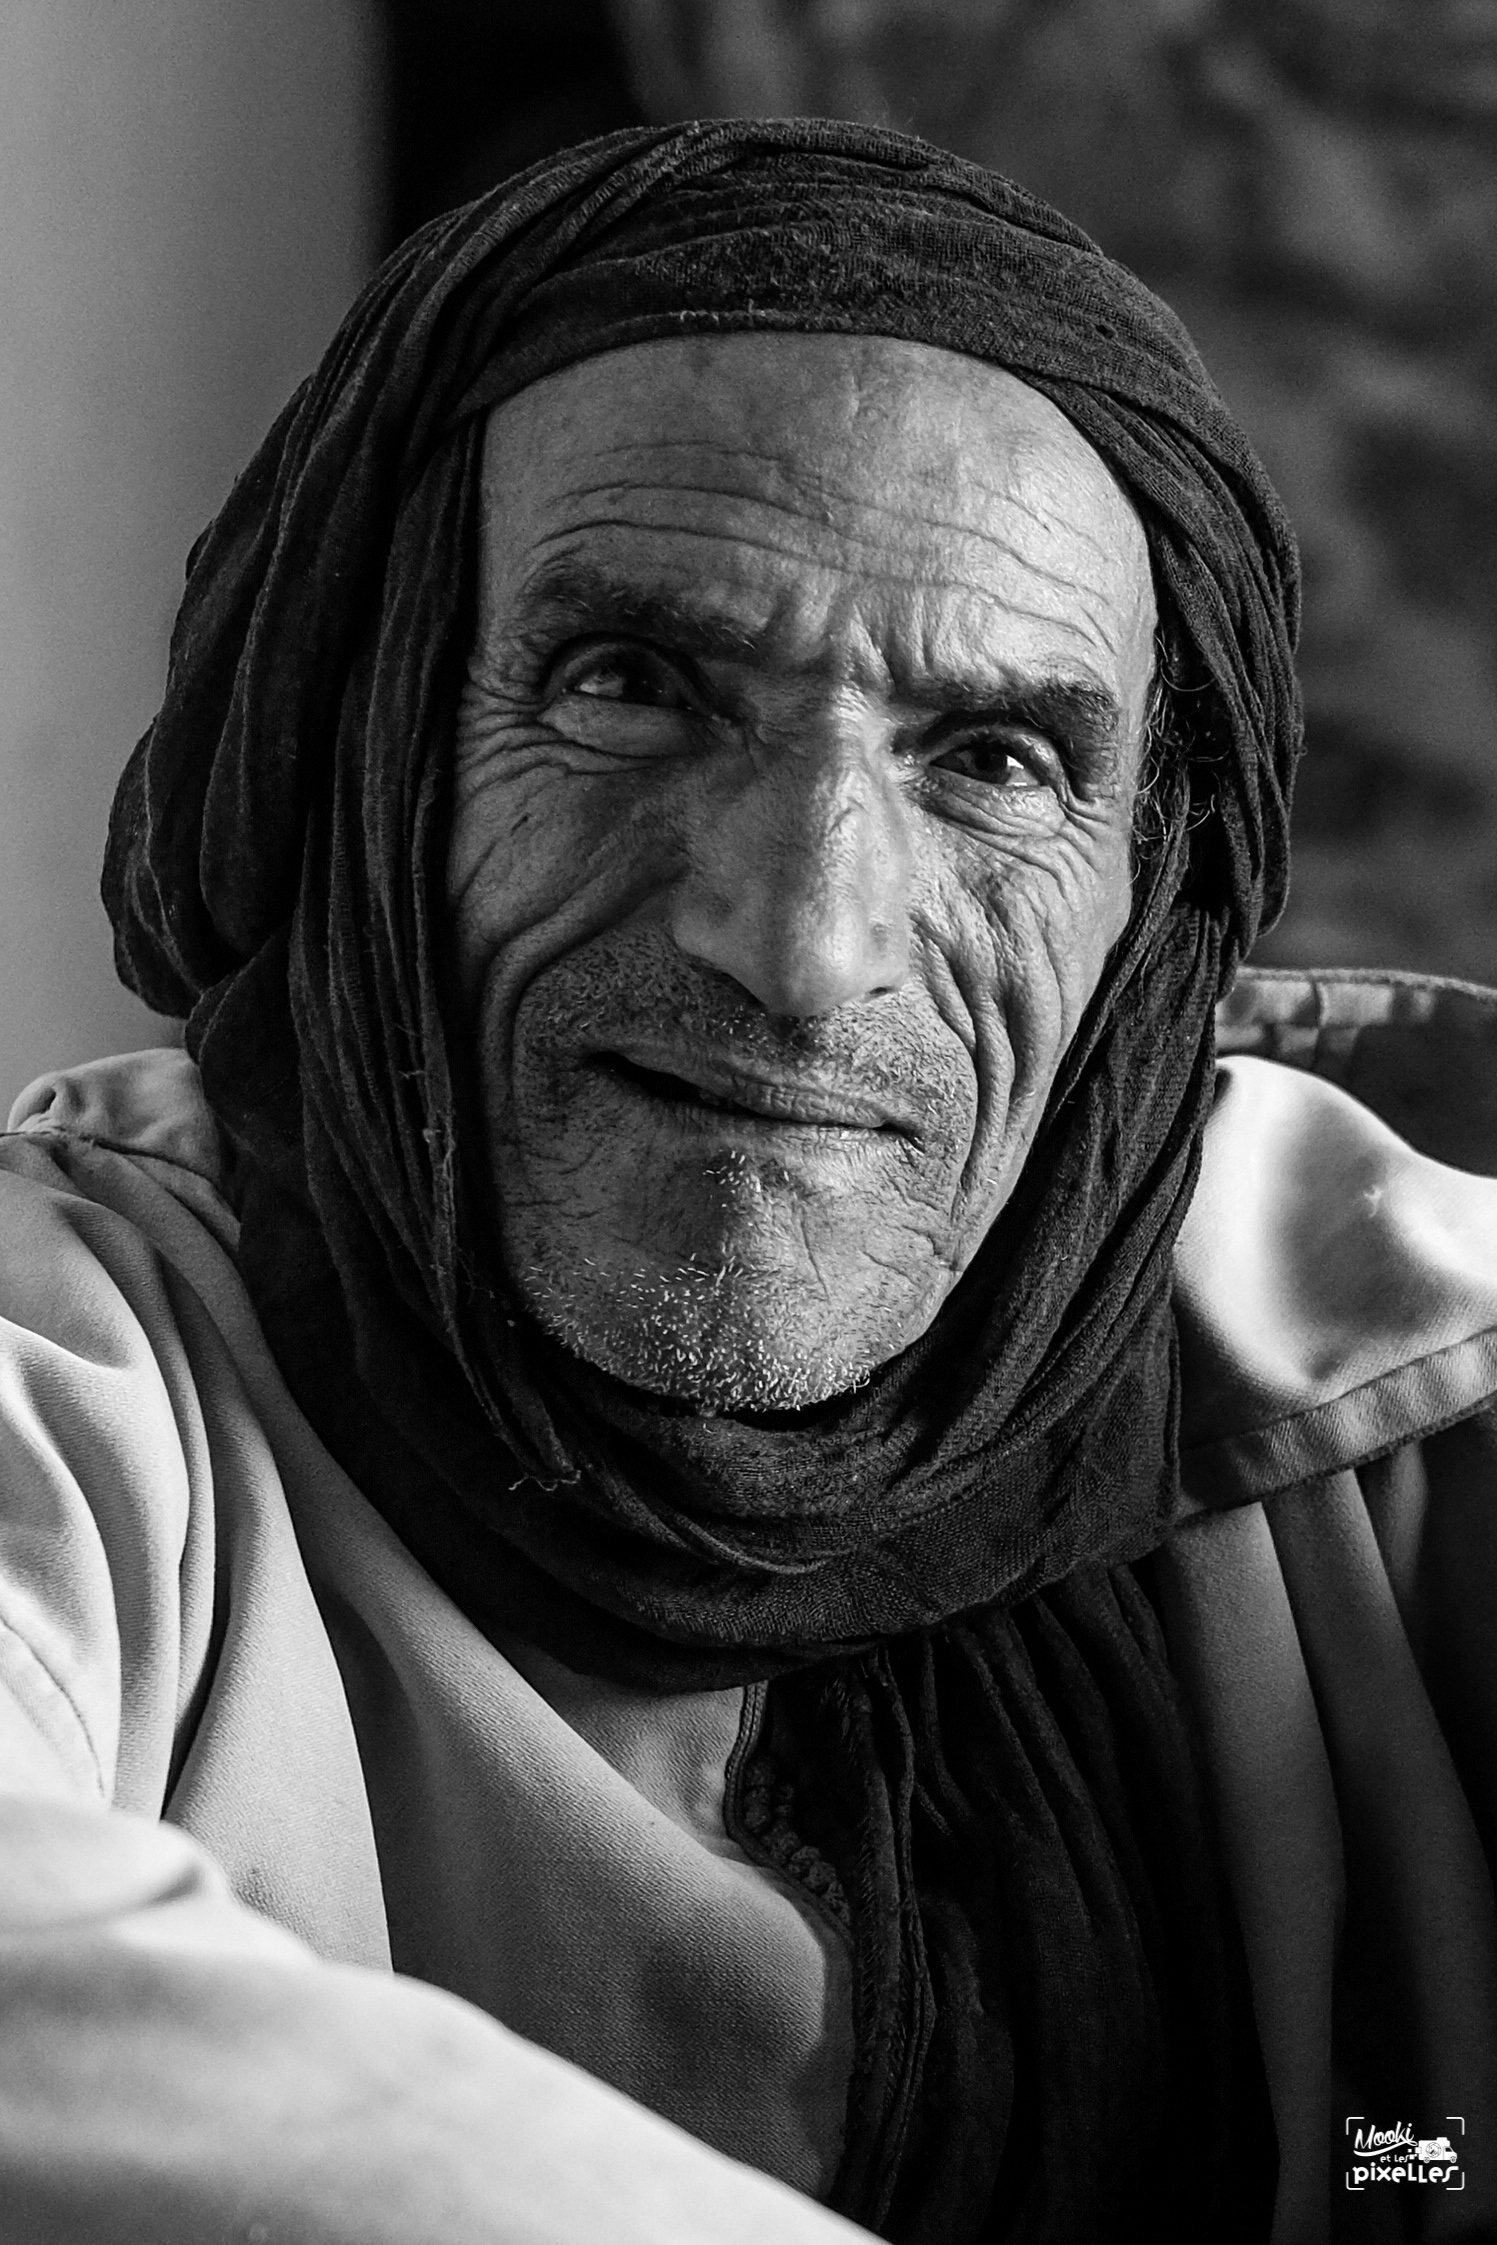 Portrait d'un marocain portrait photography